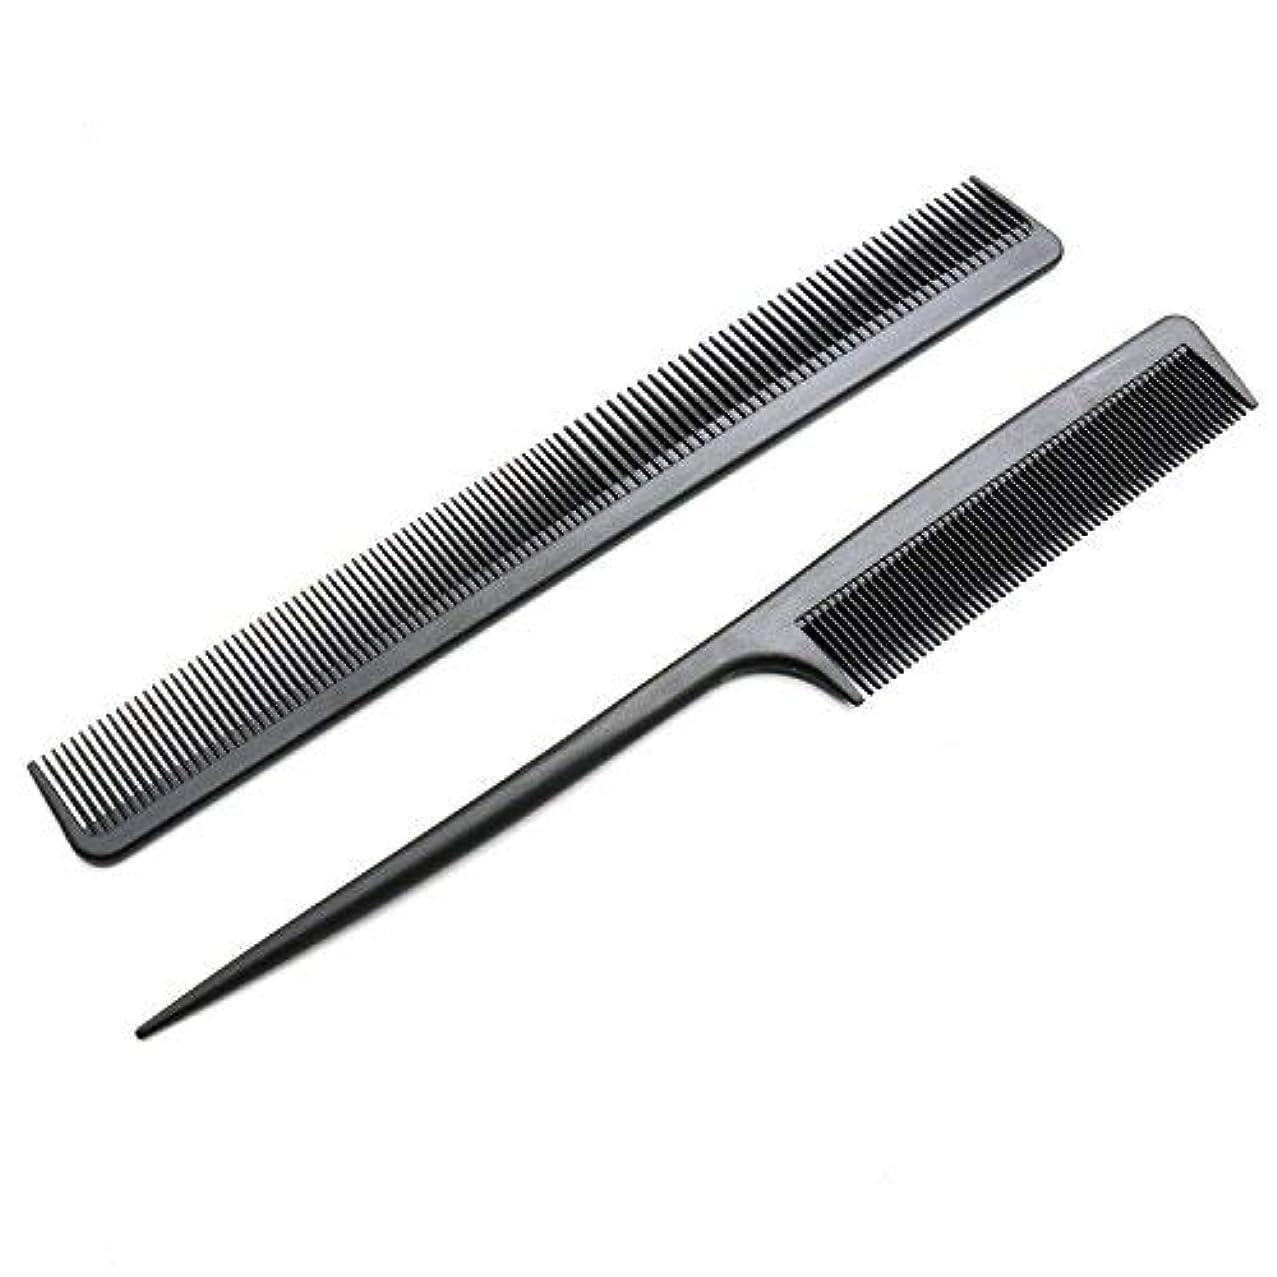 火山コンテンポラリー丈夫2 Pack Carbon Fiber Anti Static Chemical And Heat Resistant Tail Comb For All Hair Types,Black [並行輸入品]